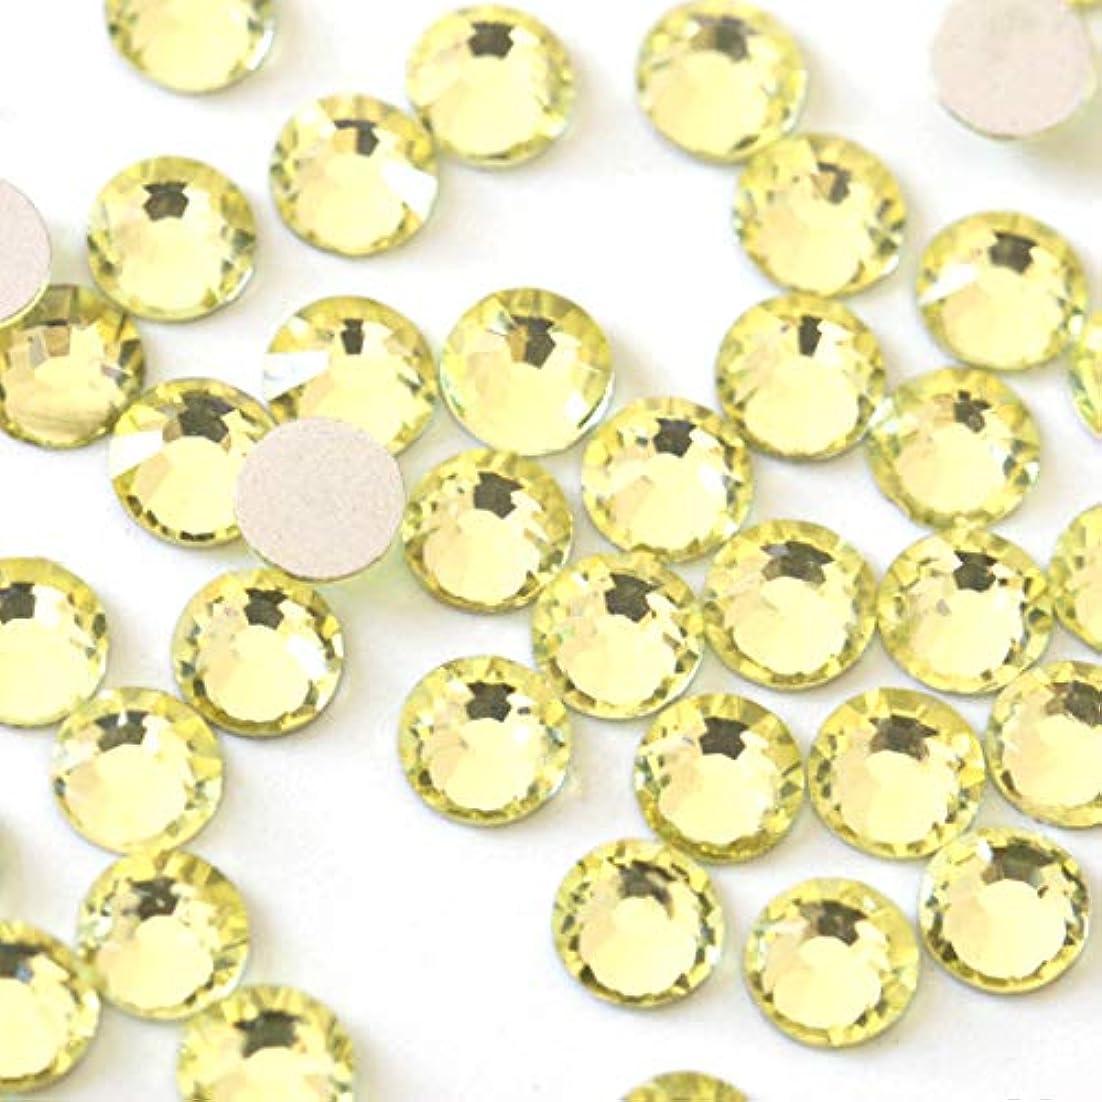 対人シリーズ散逸【ラインストーン77】高品質ガラス製ラインストーン ジョンキル(1.7mm (SS5) 約200粒)